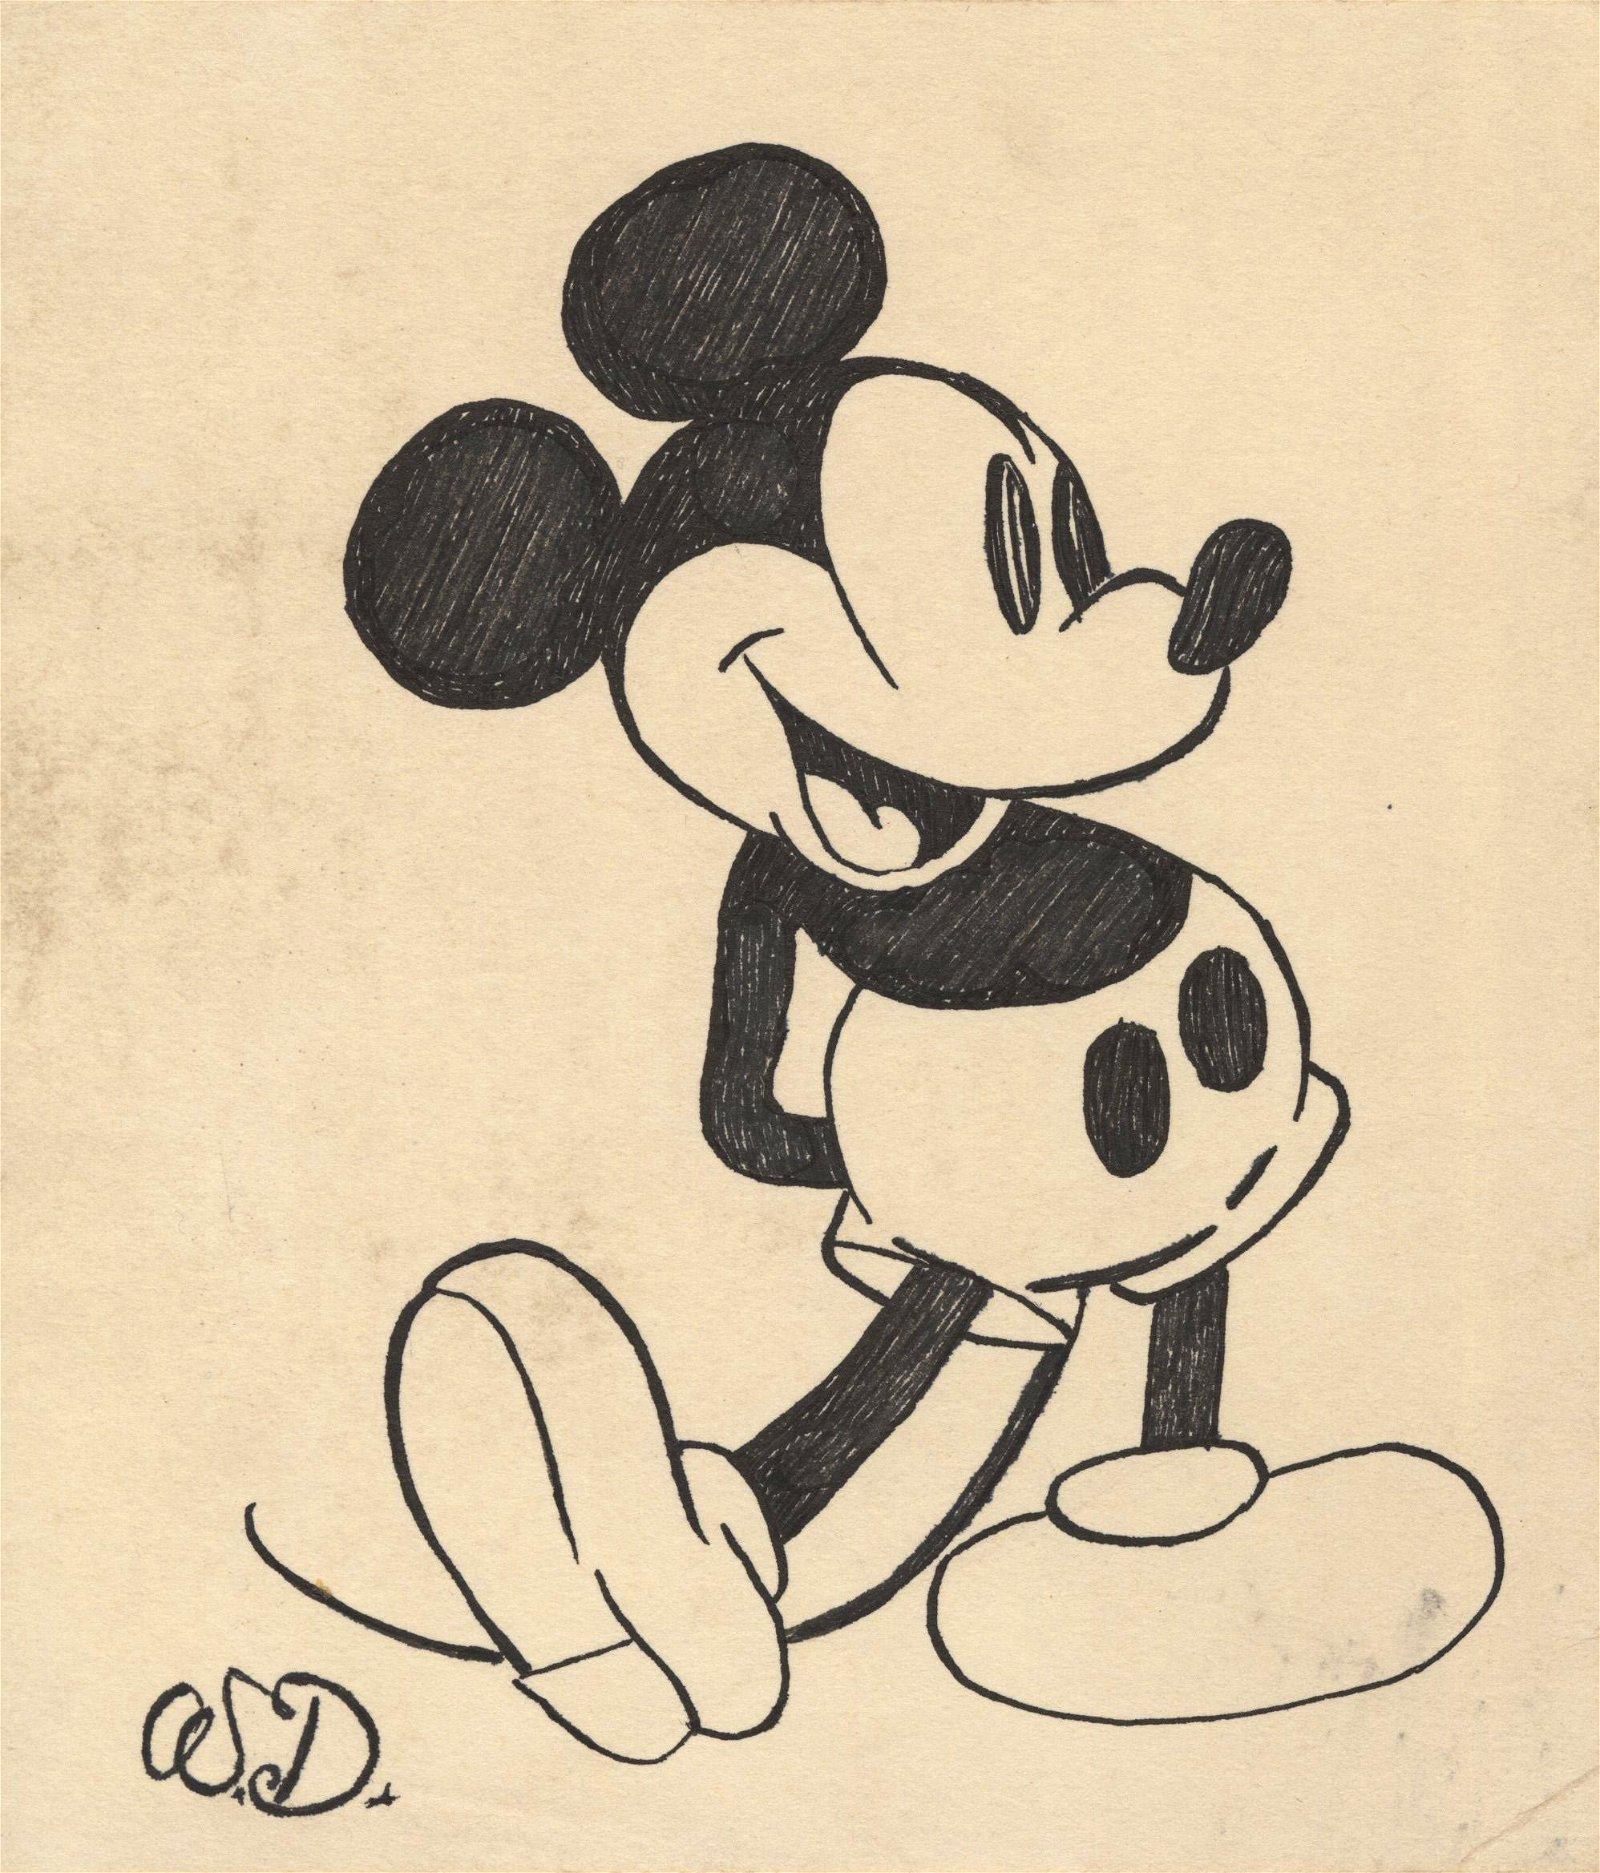 WALT DISNEY - Mickey Mouse, Joyful - Pen & ink drawing ...